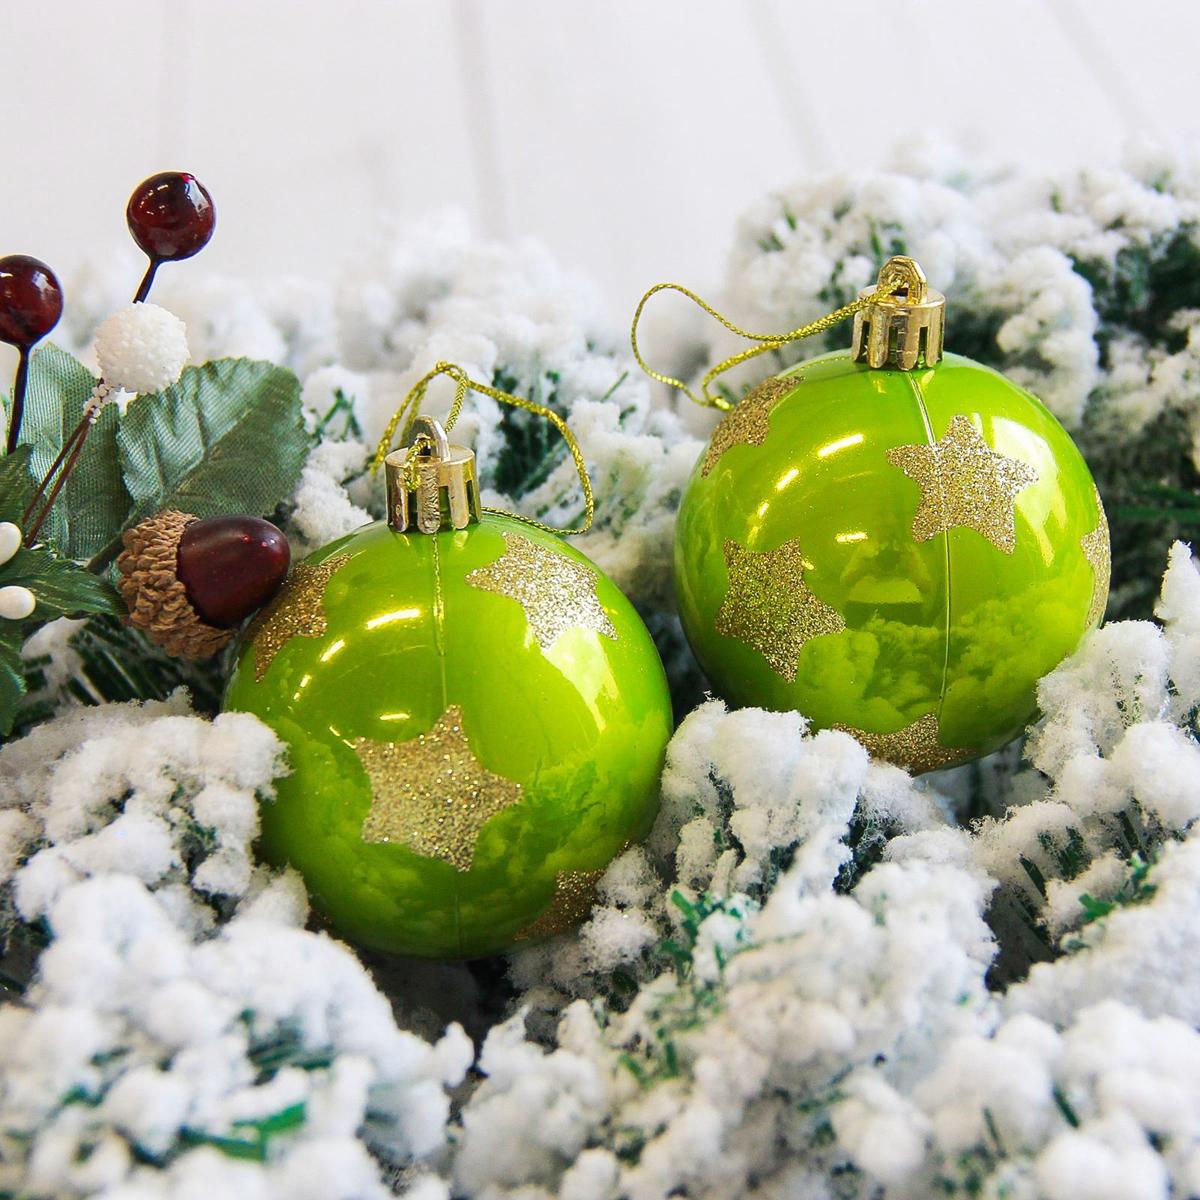 Набор новогодних подвесных украшений Sima-land Яркая звезда, цвет: зеленый, диаметр 6 см, 6 шт2178178Набор новогодних подвесных украшений Sima-land отлично подойдет для декорации вашего дома и новогодней ели. С помощью специальной петельки украшение можно повесить в любом понравившемся вам месте. Но, конечно, удачнее всего оно будет смотреться на праздничной елке. Елочная игрушка - символ Нового года. Она несет в себе волшебство и красоту праздника. Создайте в своем доме атмосферу веселья и радости, украшая новогоднюю елку нарядными игрушками, которые будут из года в год накапливать теплоту воспоминаний.